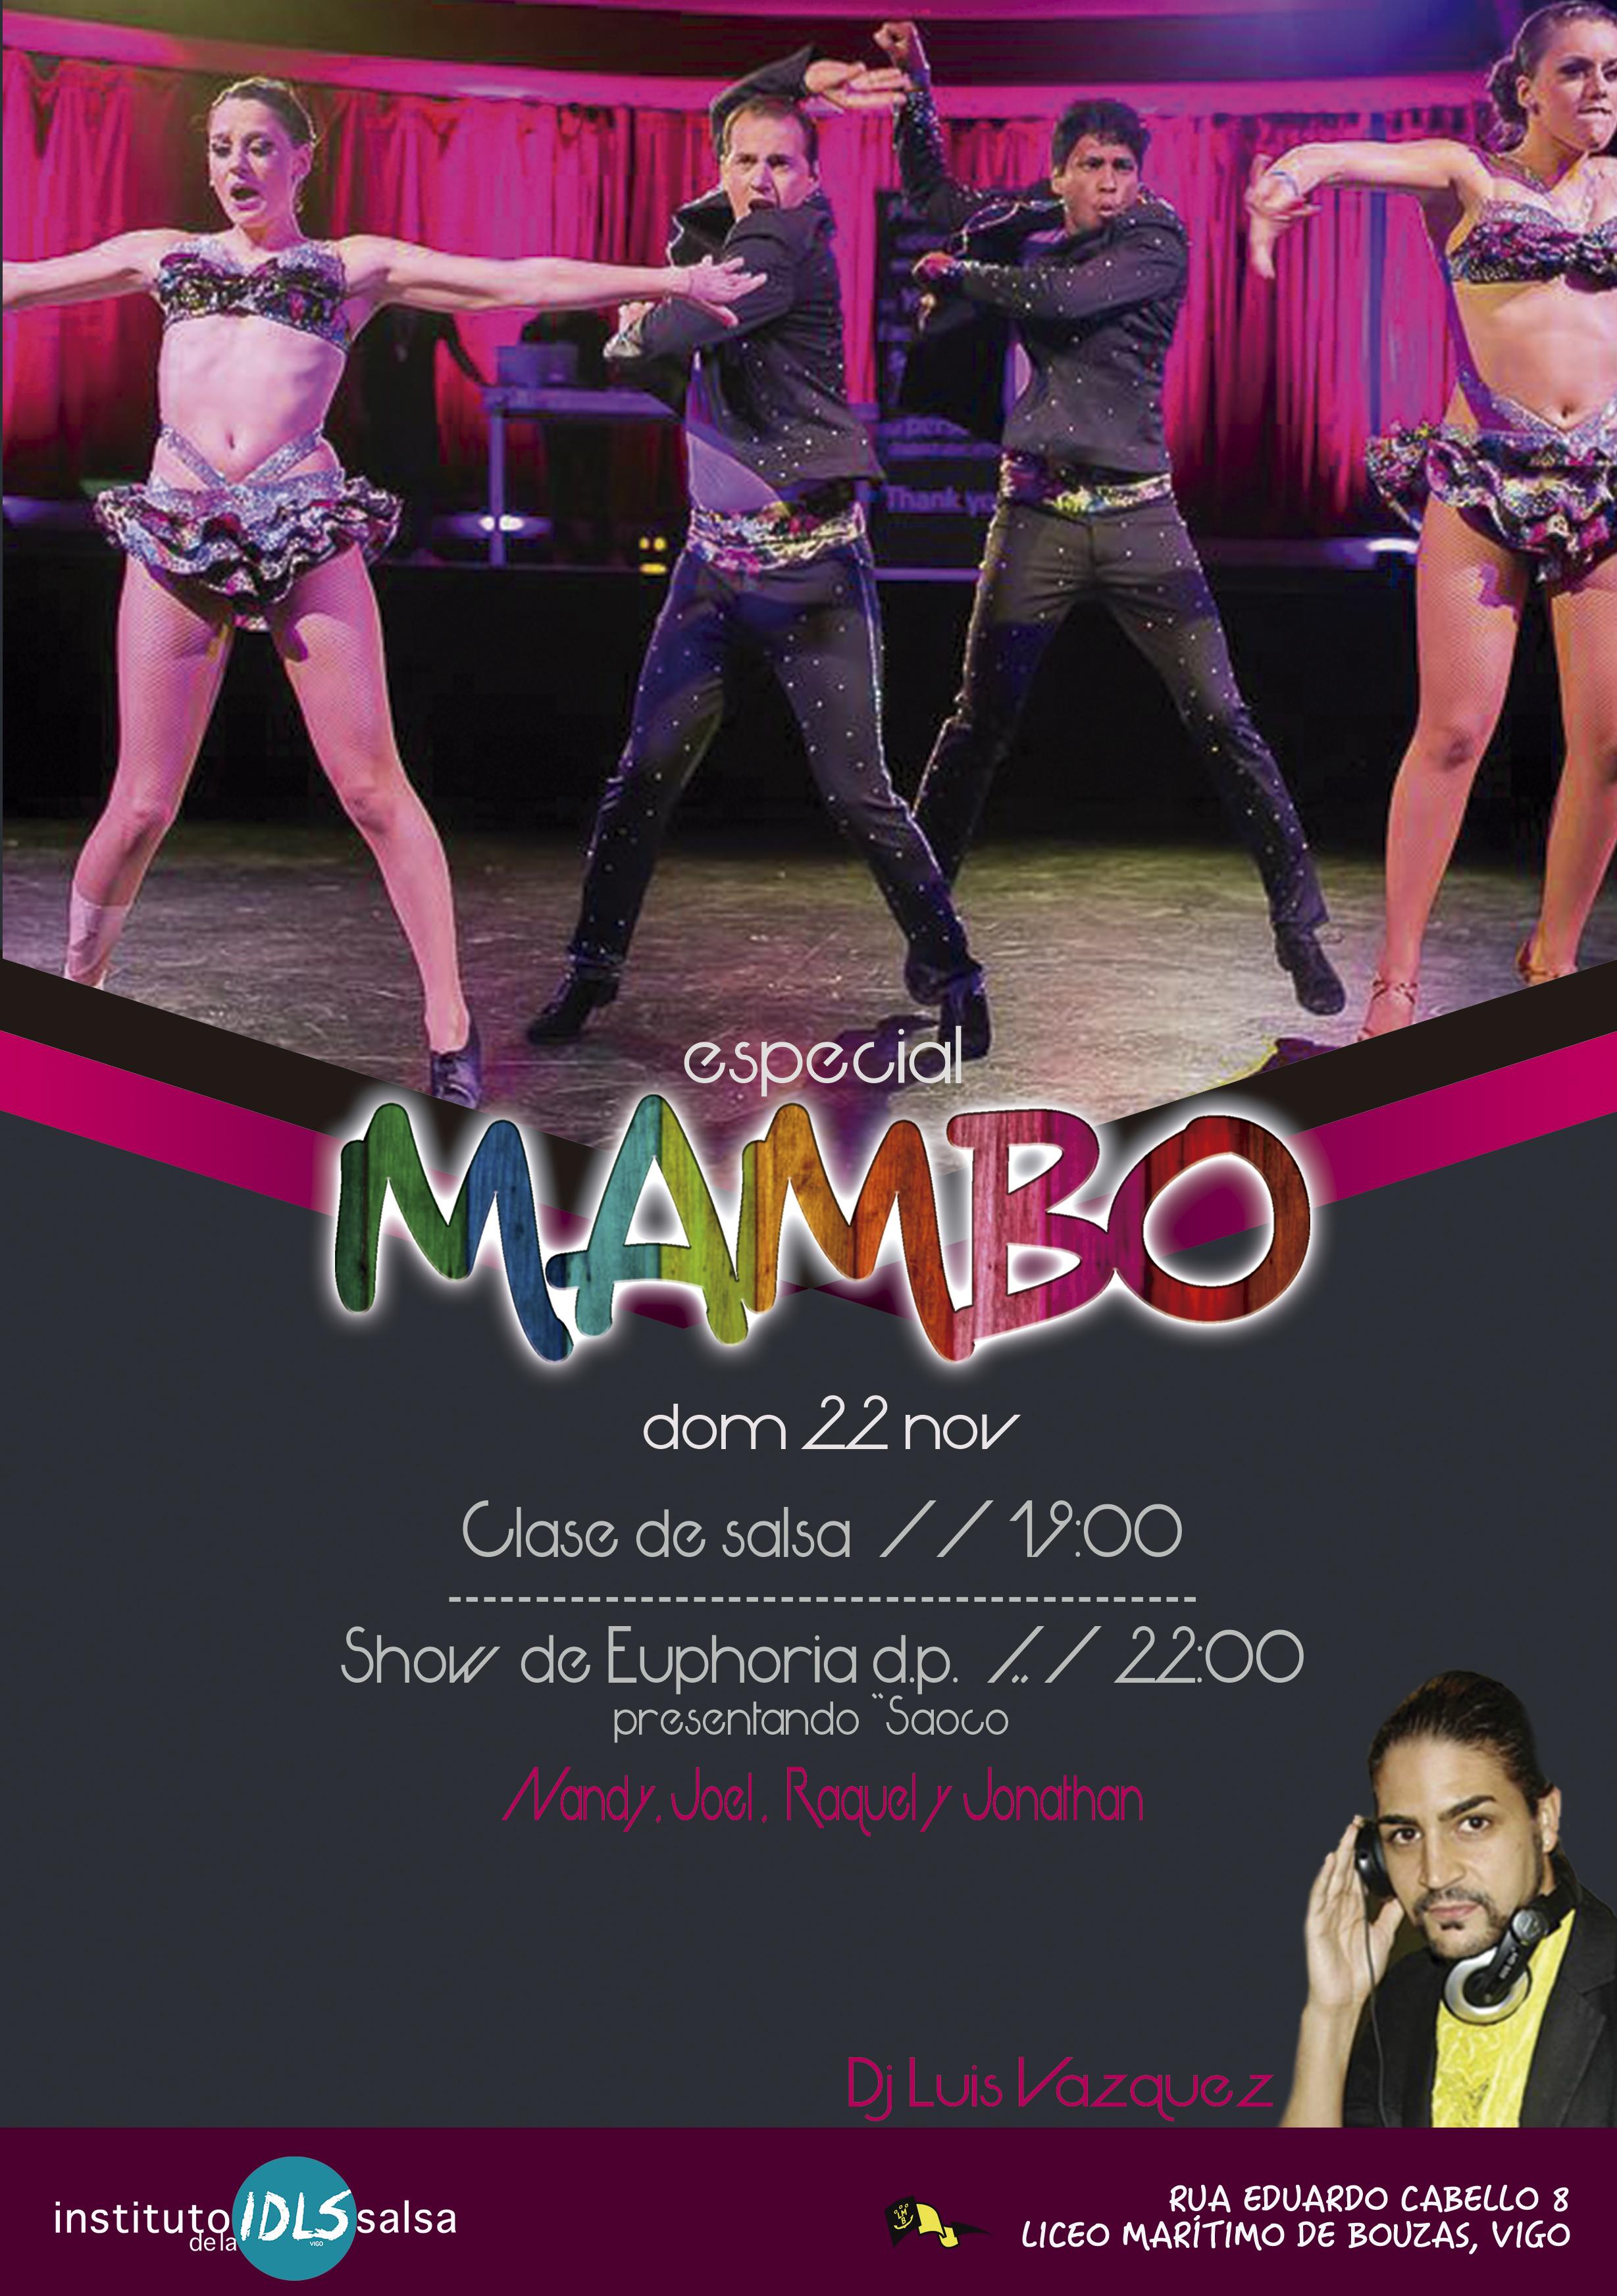 Mambo show euphoria